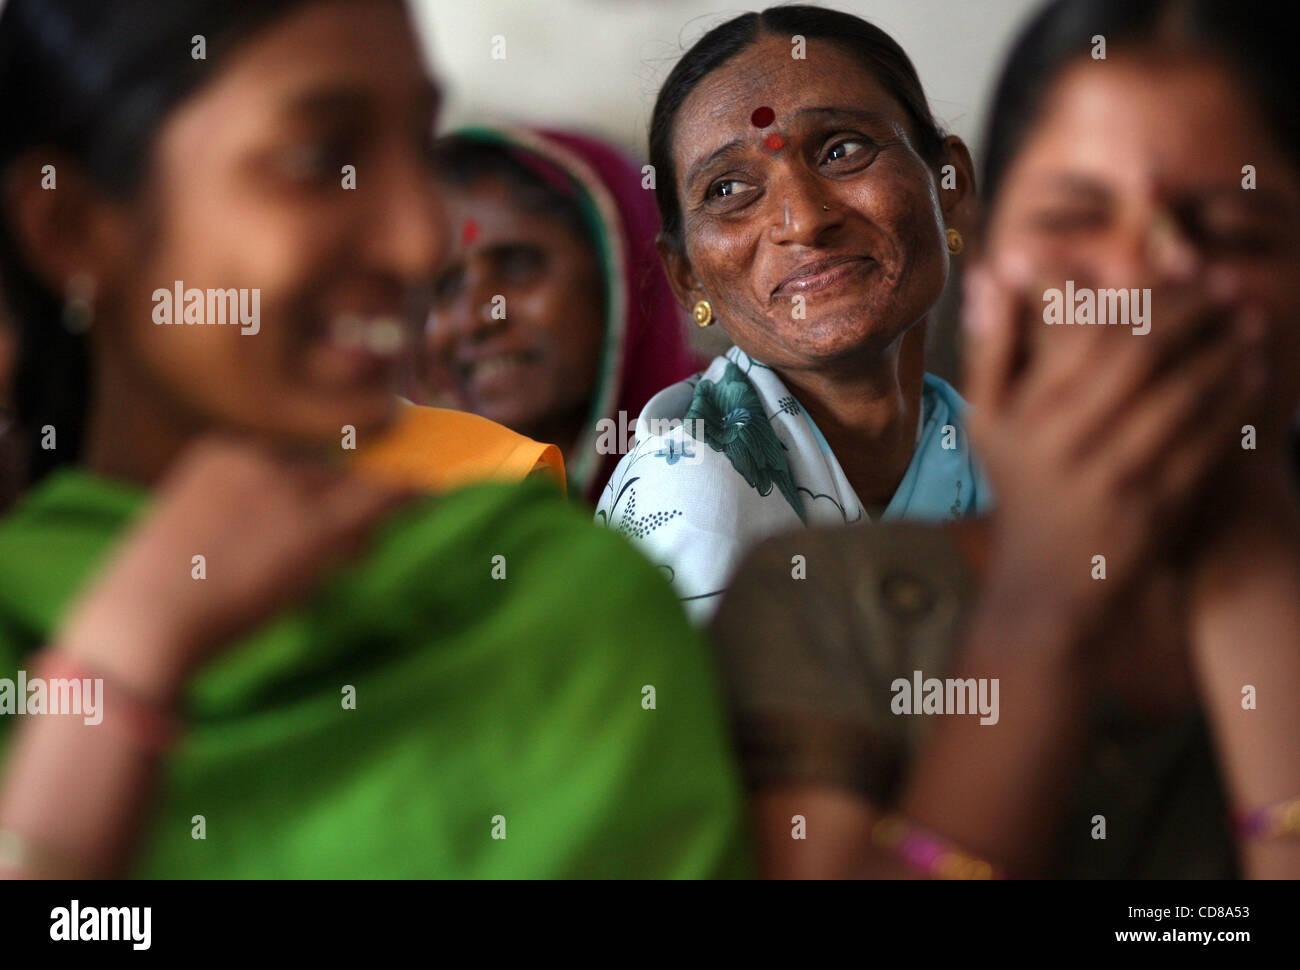 Oct 10, 2008 - Saundatti, India - un antiguo ex-mujer Devadasi sonríe durante una reunión del grupo de autoayuda Foto de stock